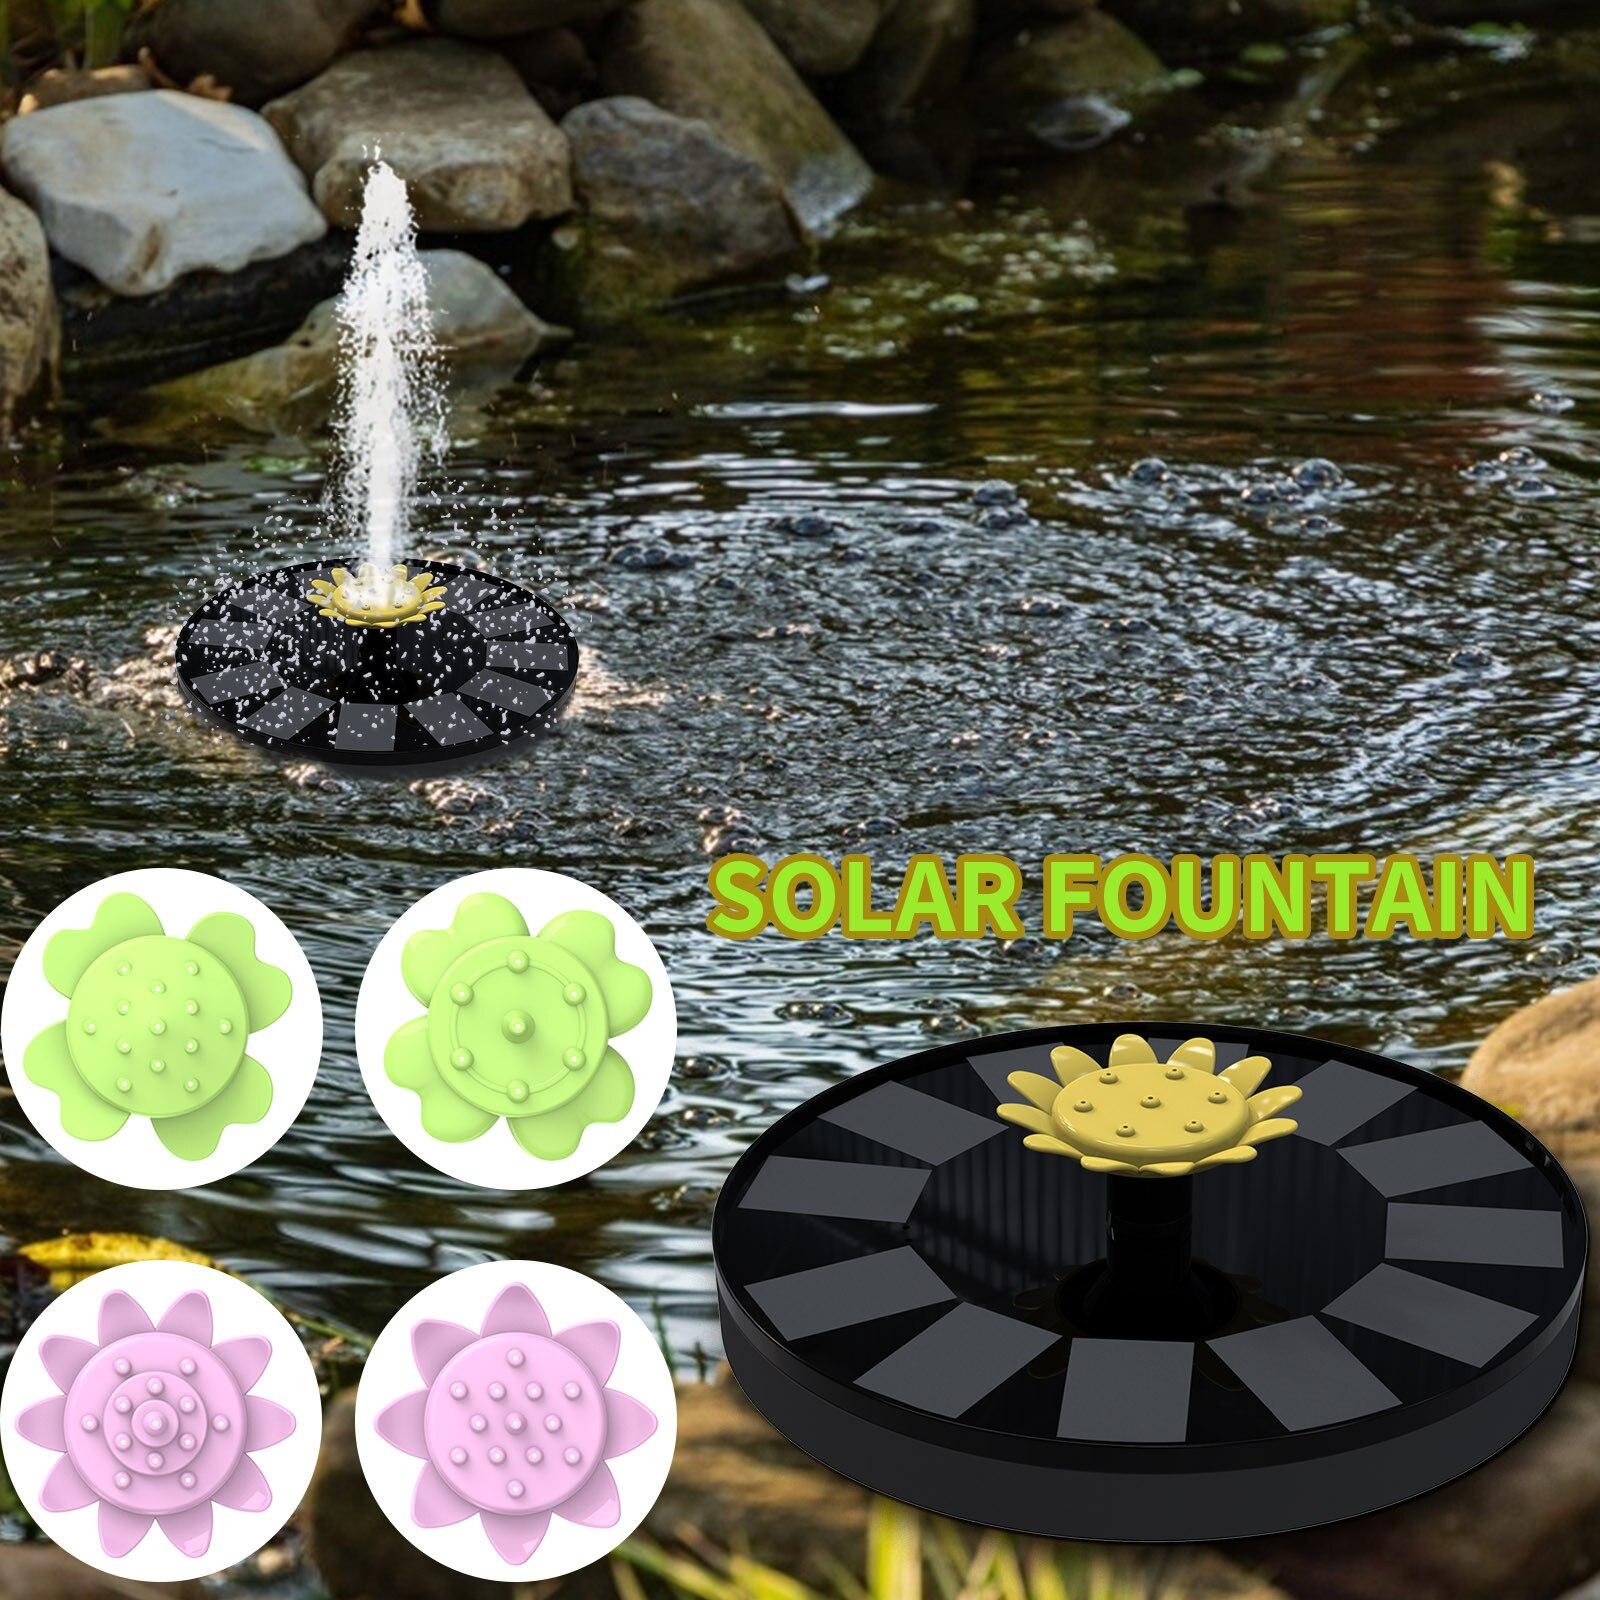 Солнечный фонтан, усовершенствованный солнечный фонтан с листьями, умный маленький водяной фонтан на солнечной батарее, фонтан #9